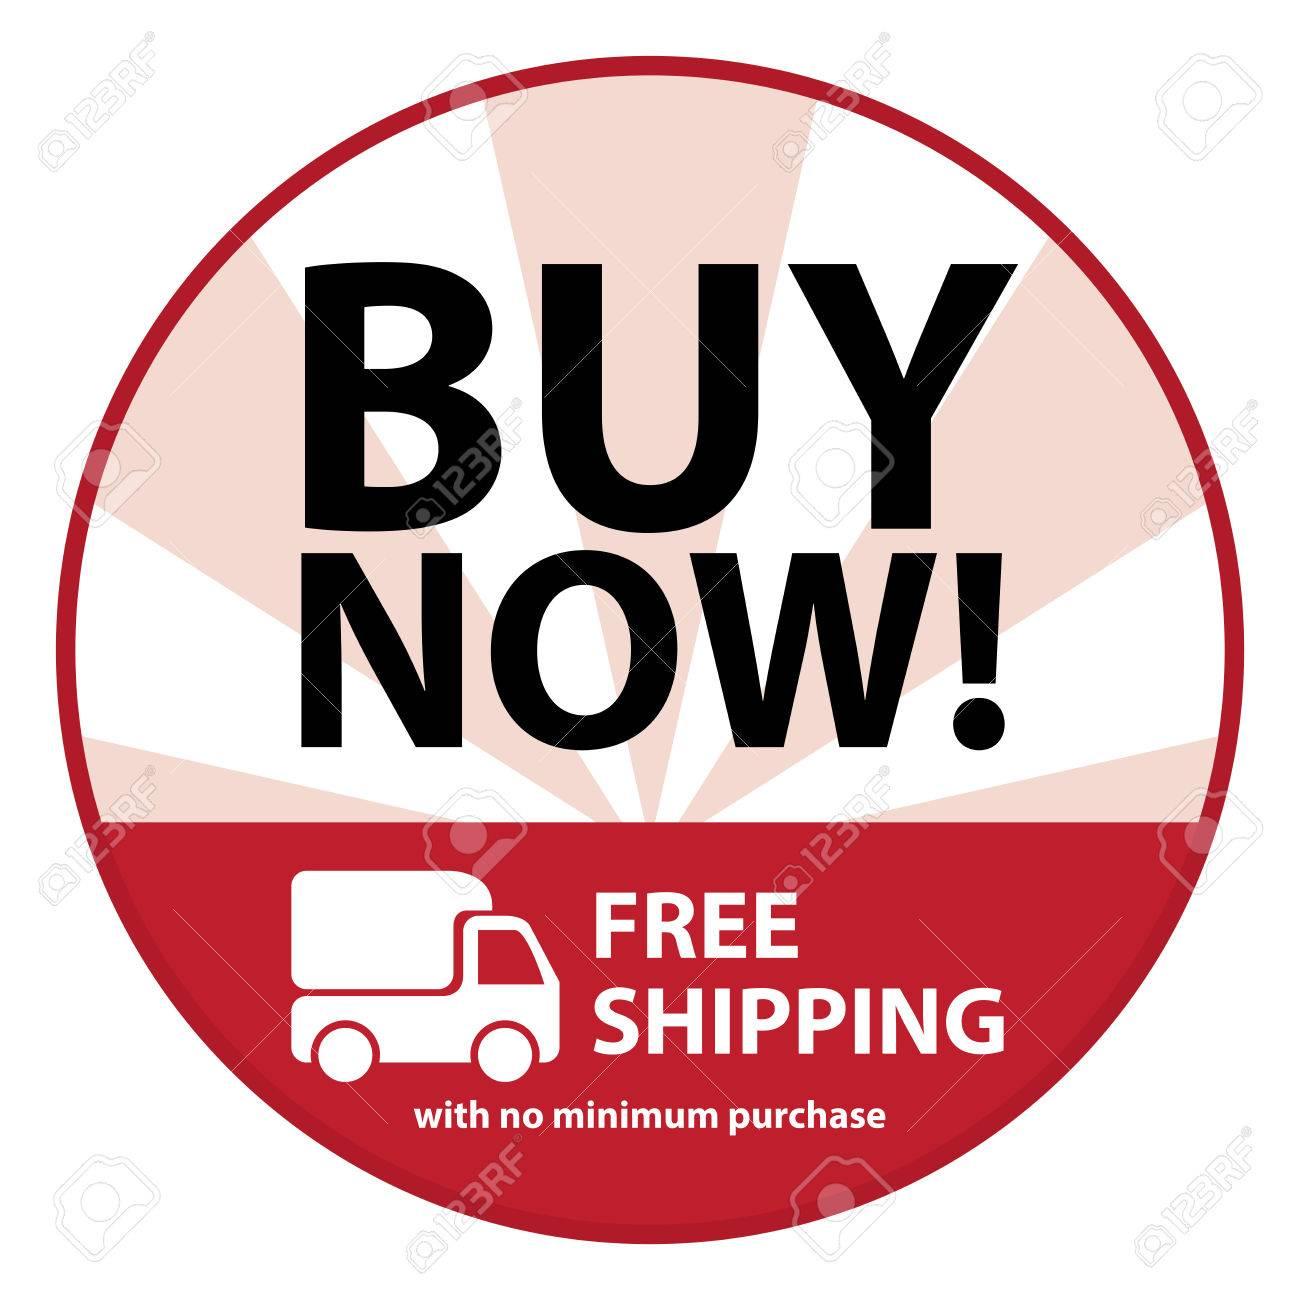 a74752c47014bf Red Circle Nu kopen, gratis verzending zonder minimale aankoop Icon,  sticker of label geïsoleerd